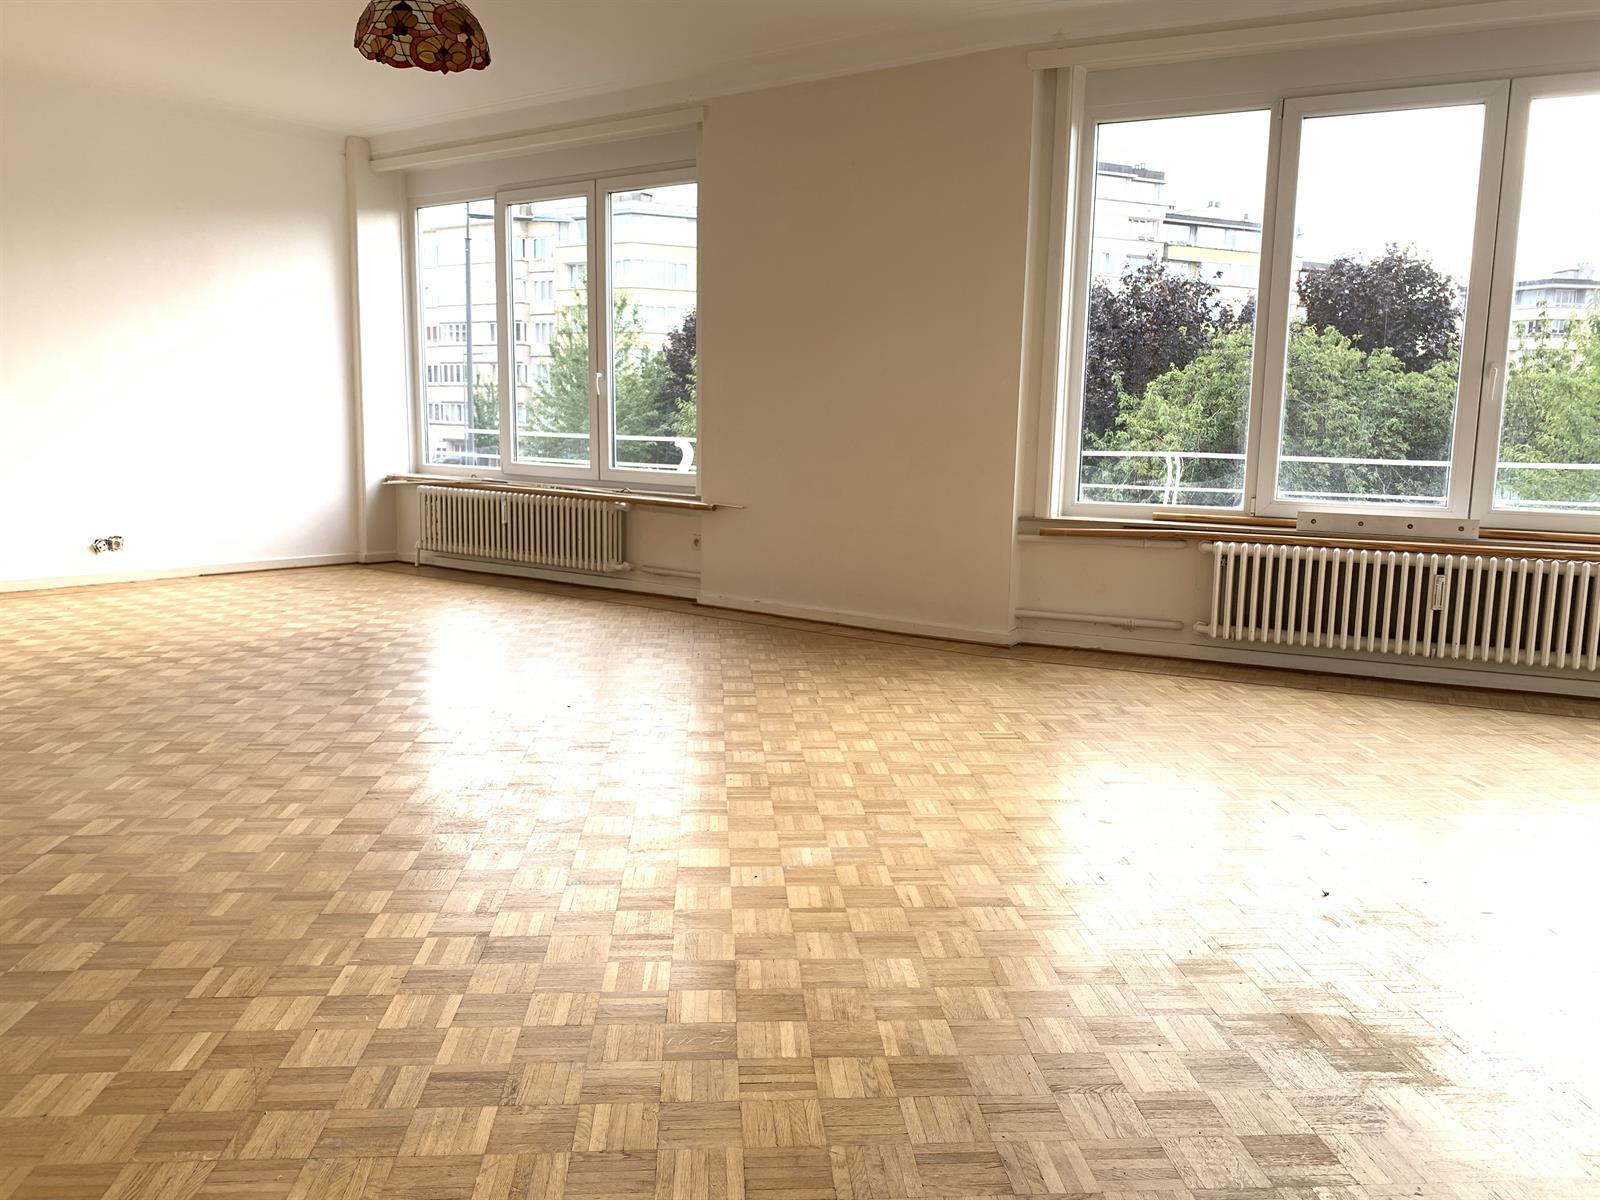 Appartement - Etterbeek - #4224211-1